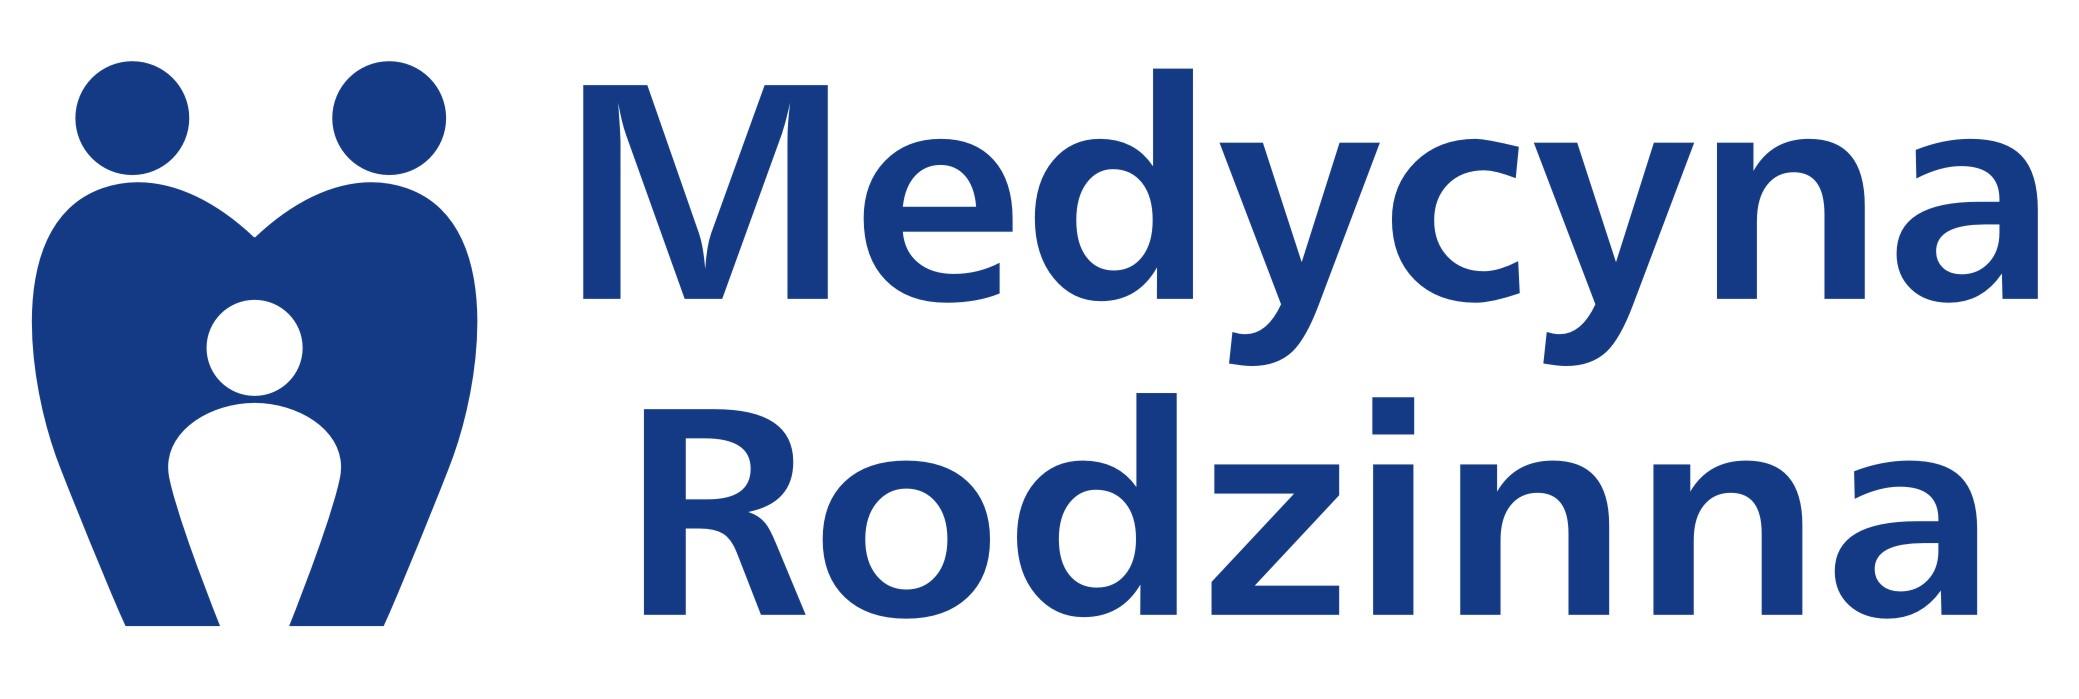 Medycyna Rodzinna